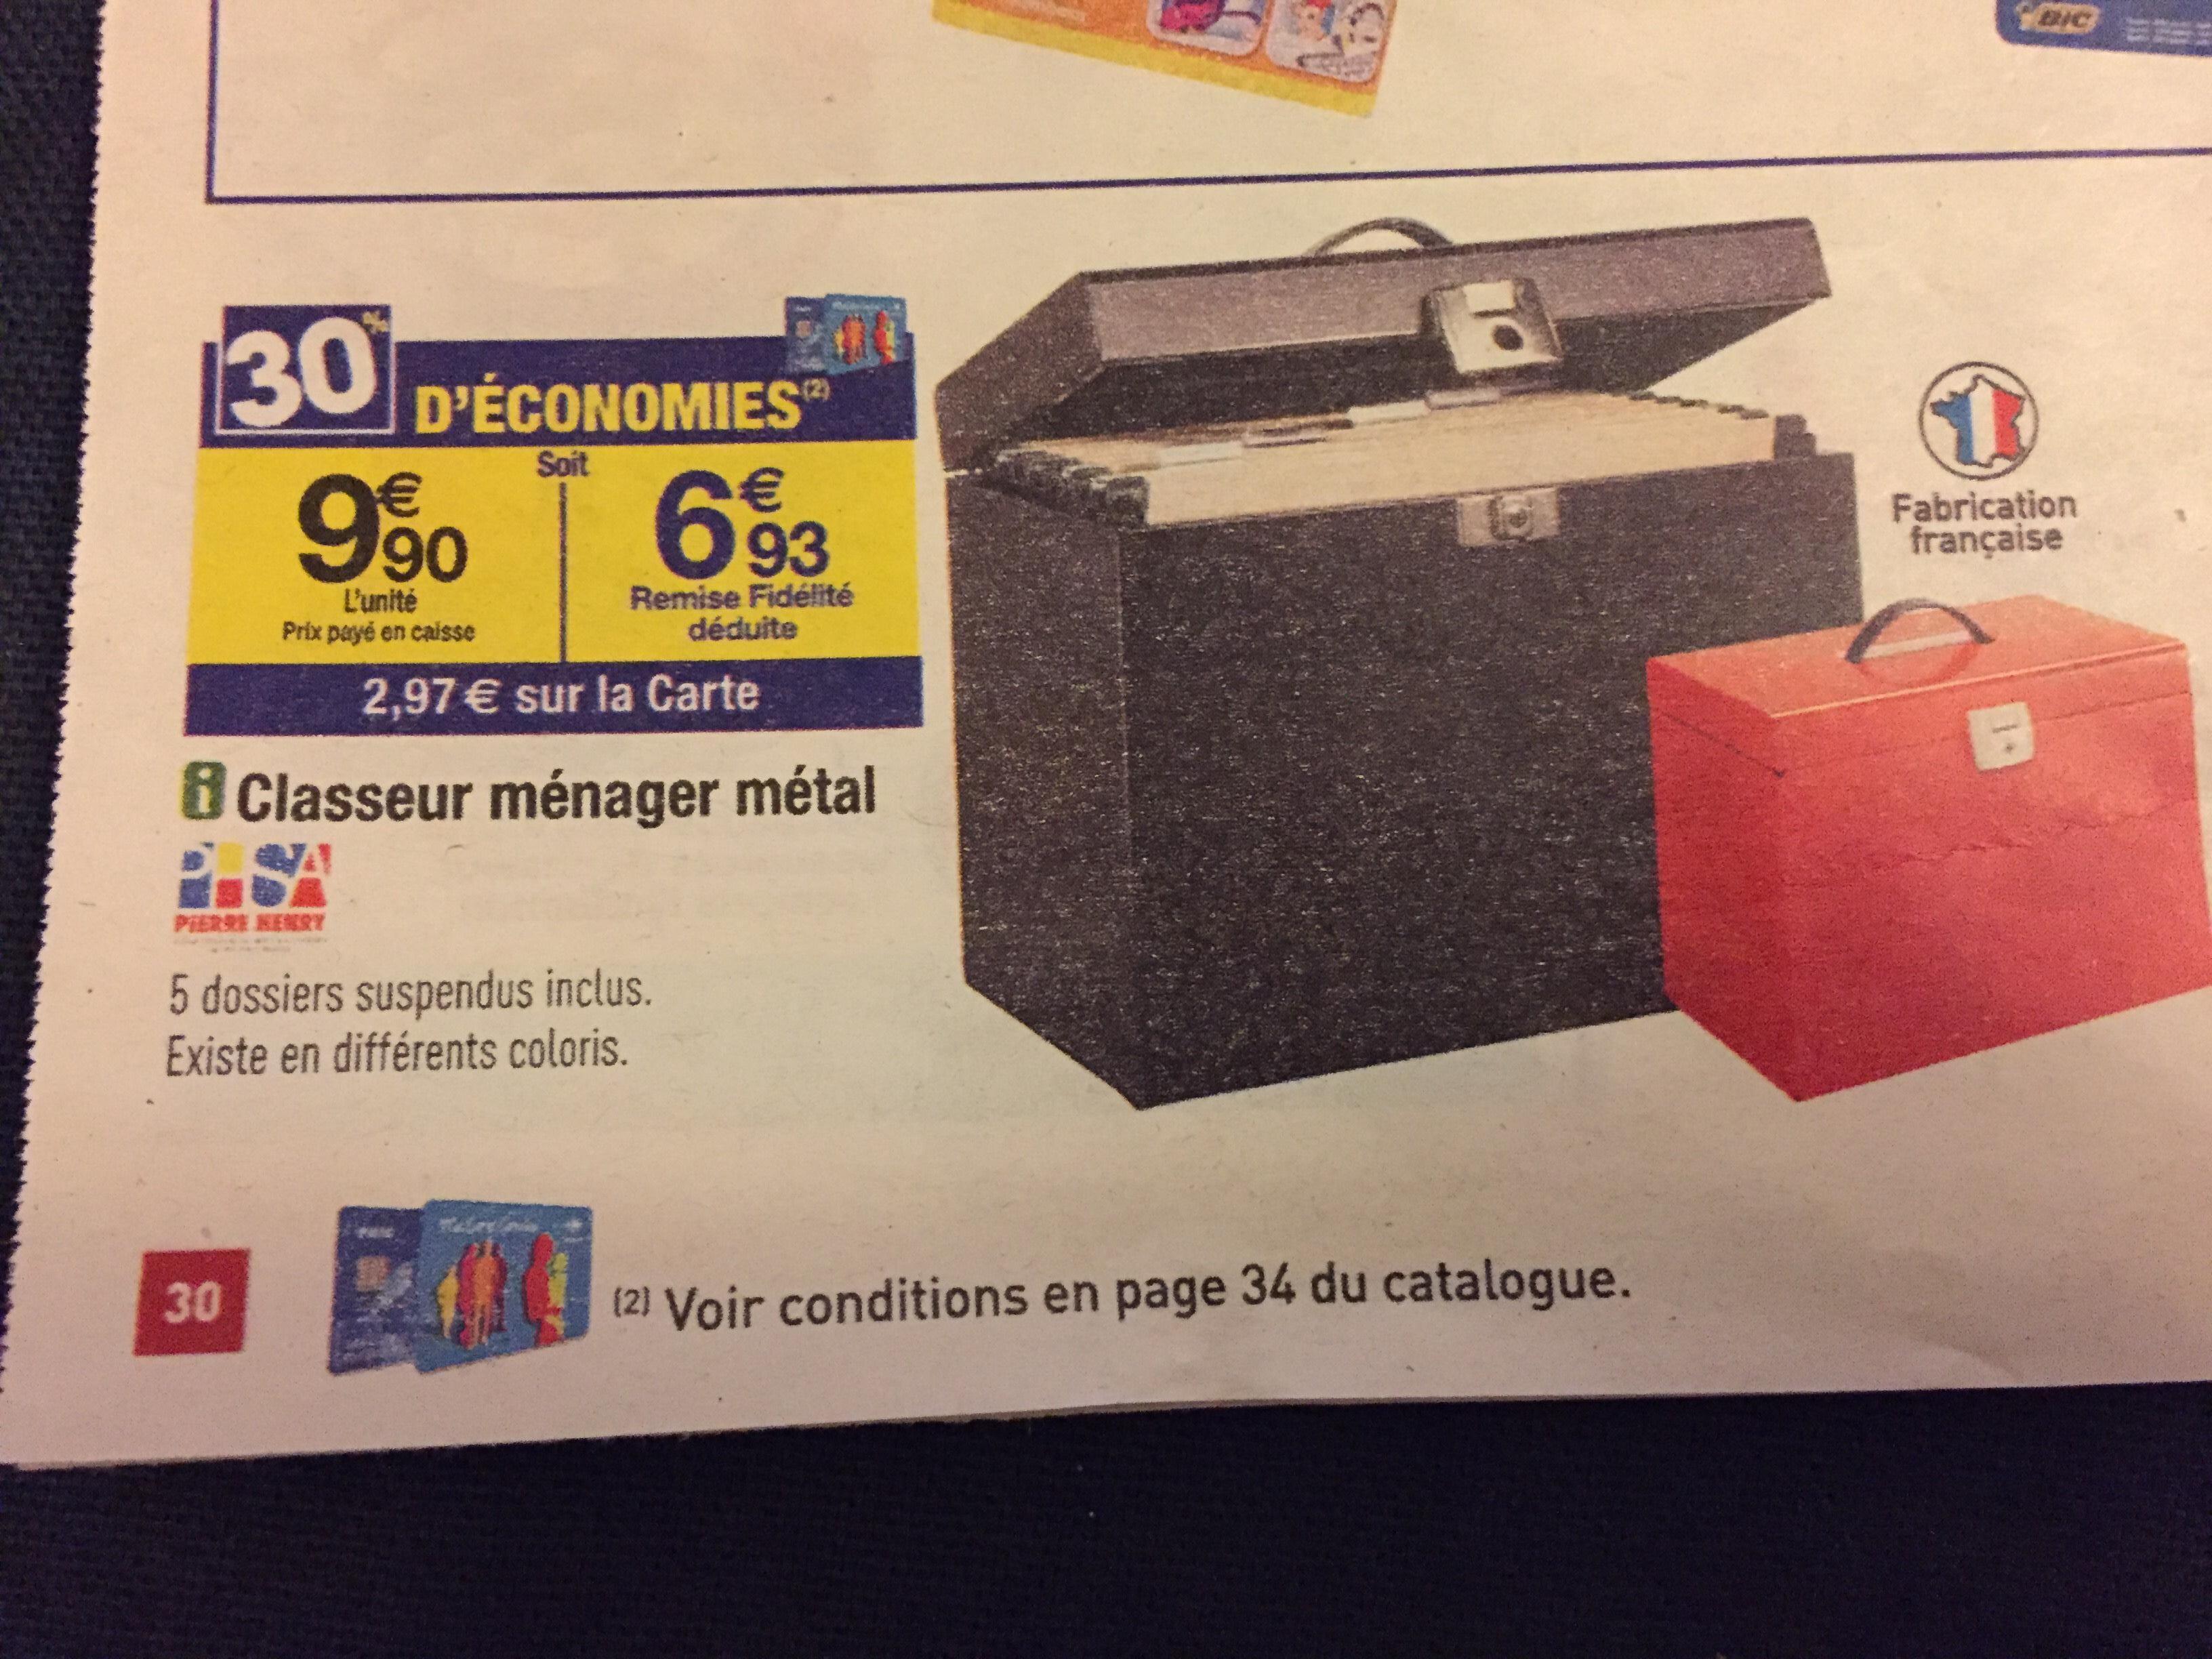 Classeur ménager en métal (avec 2.97€ sur la carte)